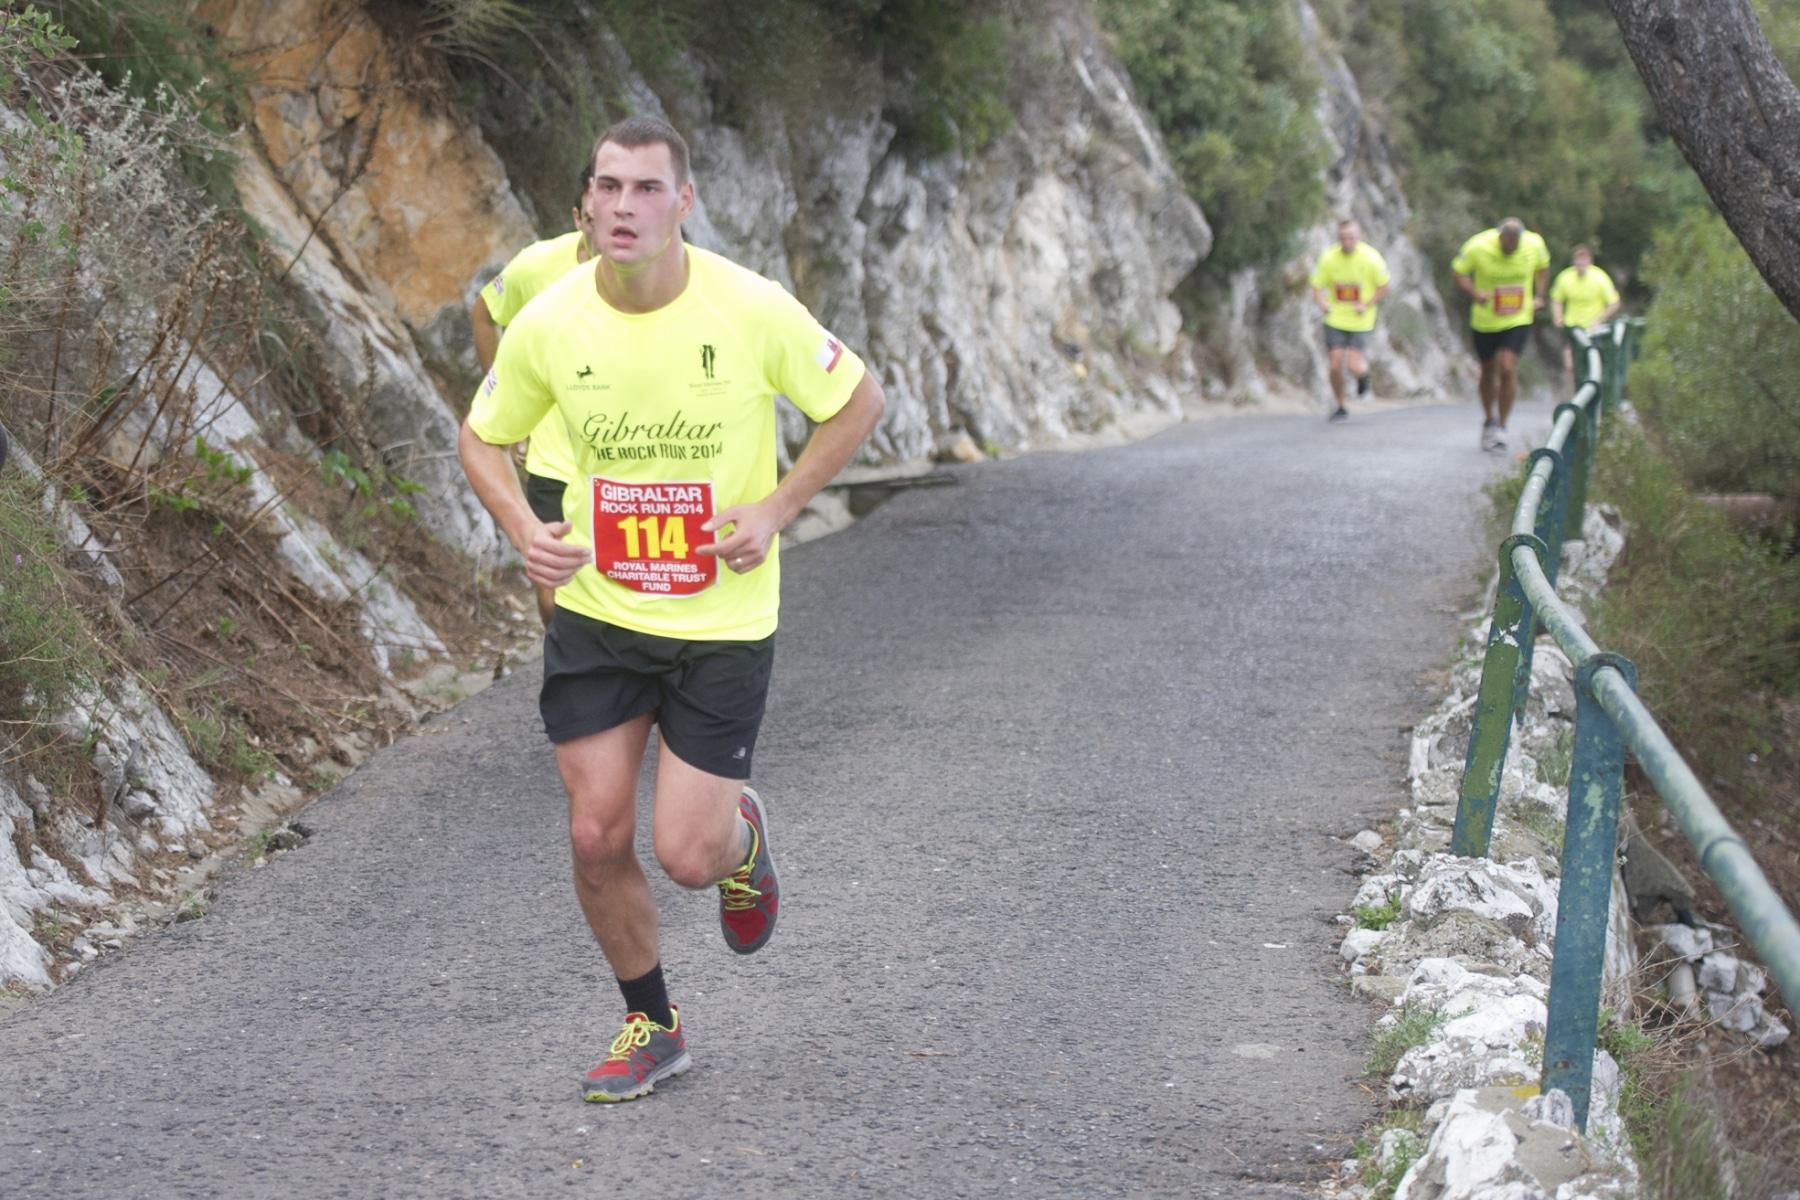 henry-cavill-en-la-carrera-del-350-aniversario-de-los-royal-marines-en-gibraltar-25-octubre-201433_15003558023_o